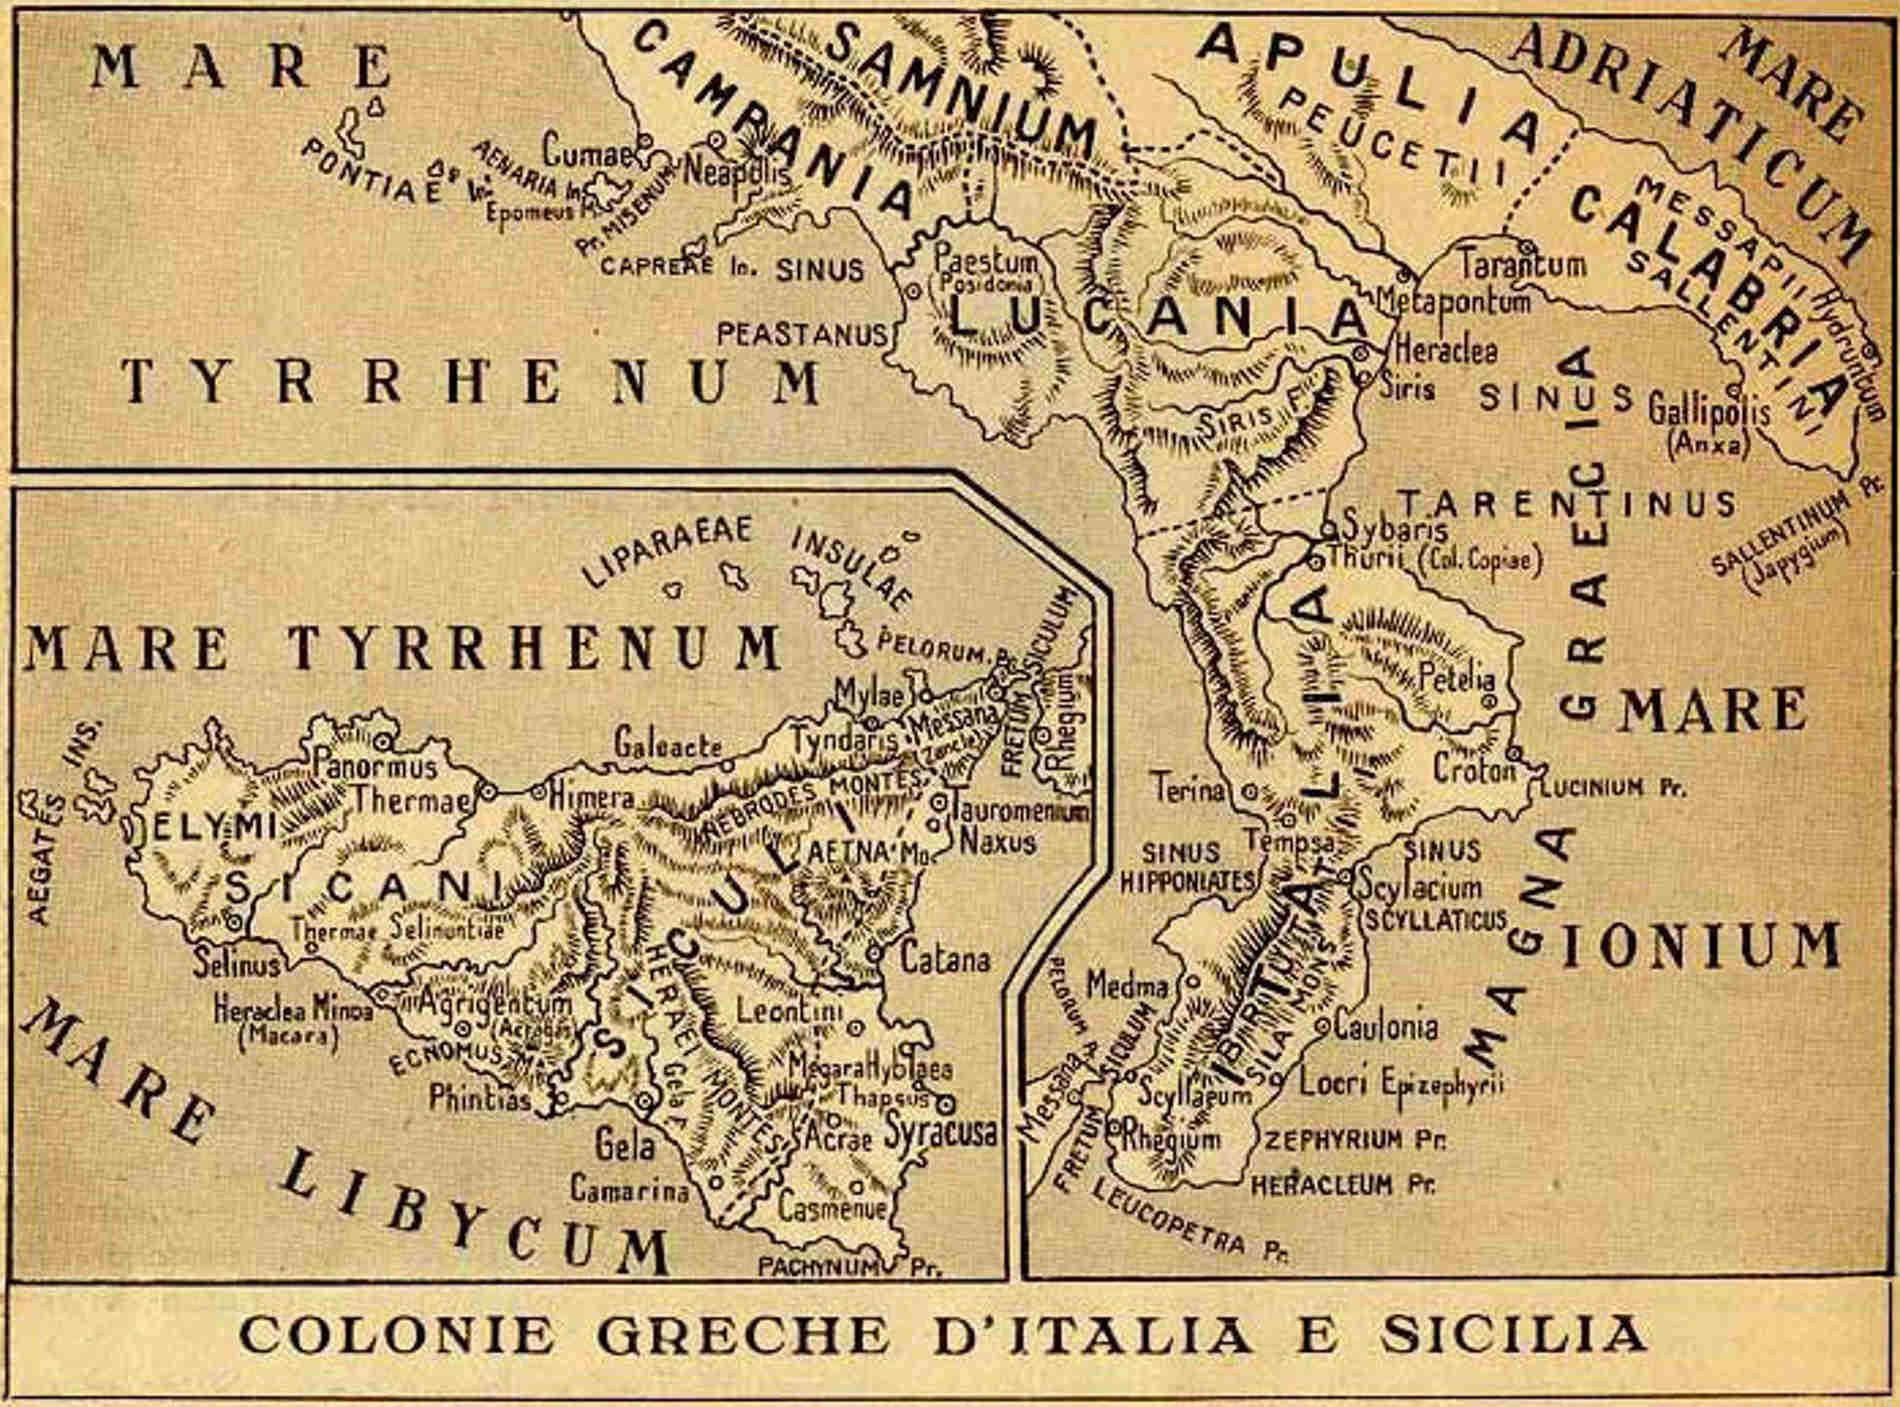 Antica Mappa della Calabria con il Parco Archeologico di Locri Epizefiri in provincia di reggio Calabria sulla Costa dei Gelsomini